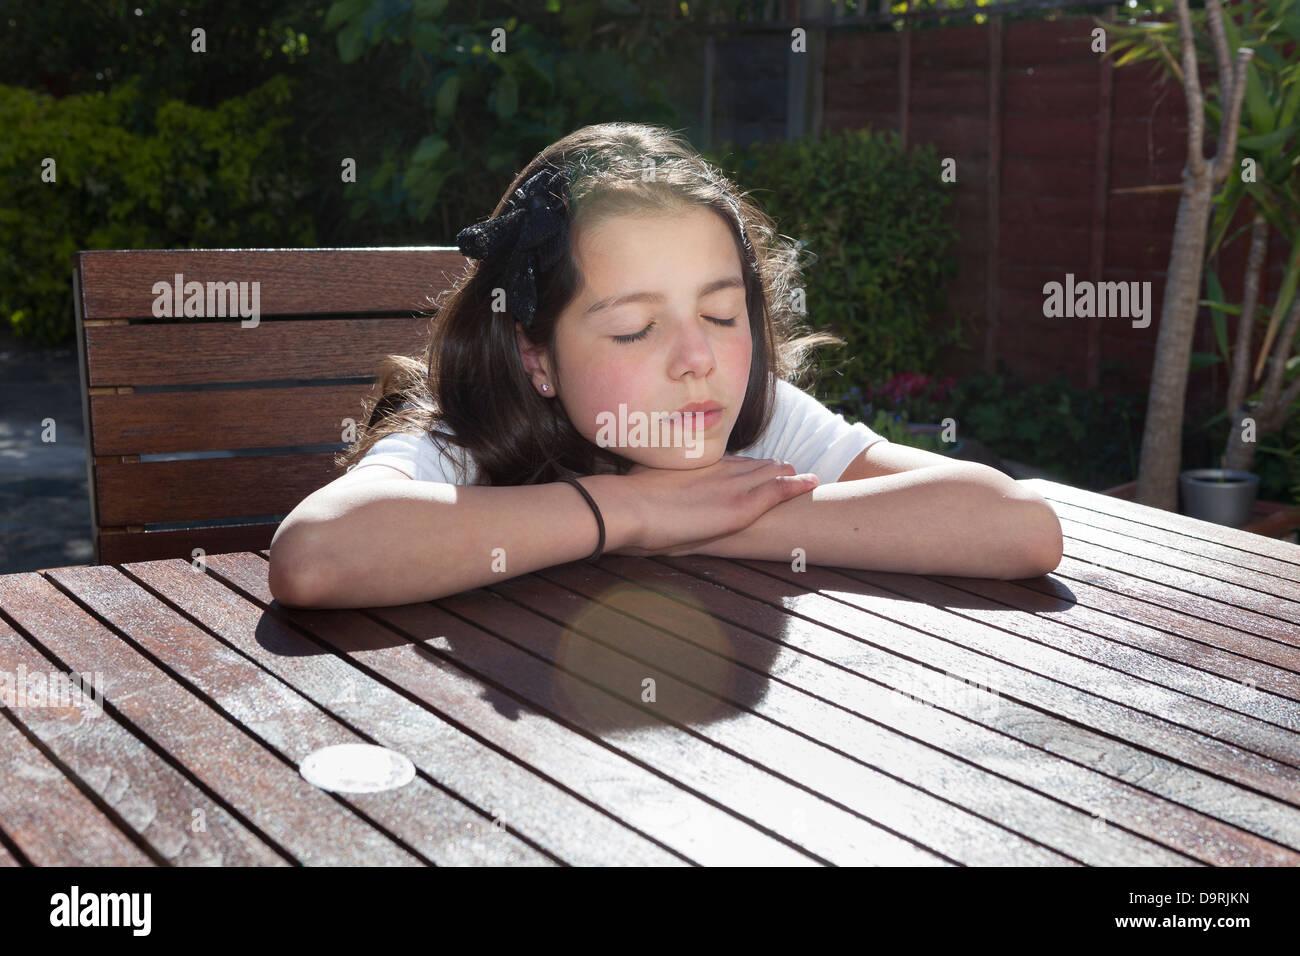 Giovane ragazza si rilassa al sole Immagini Stock